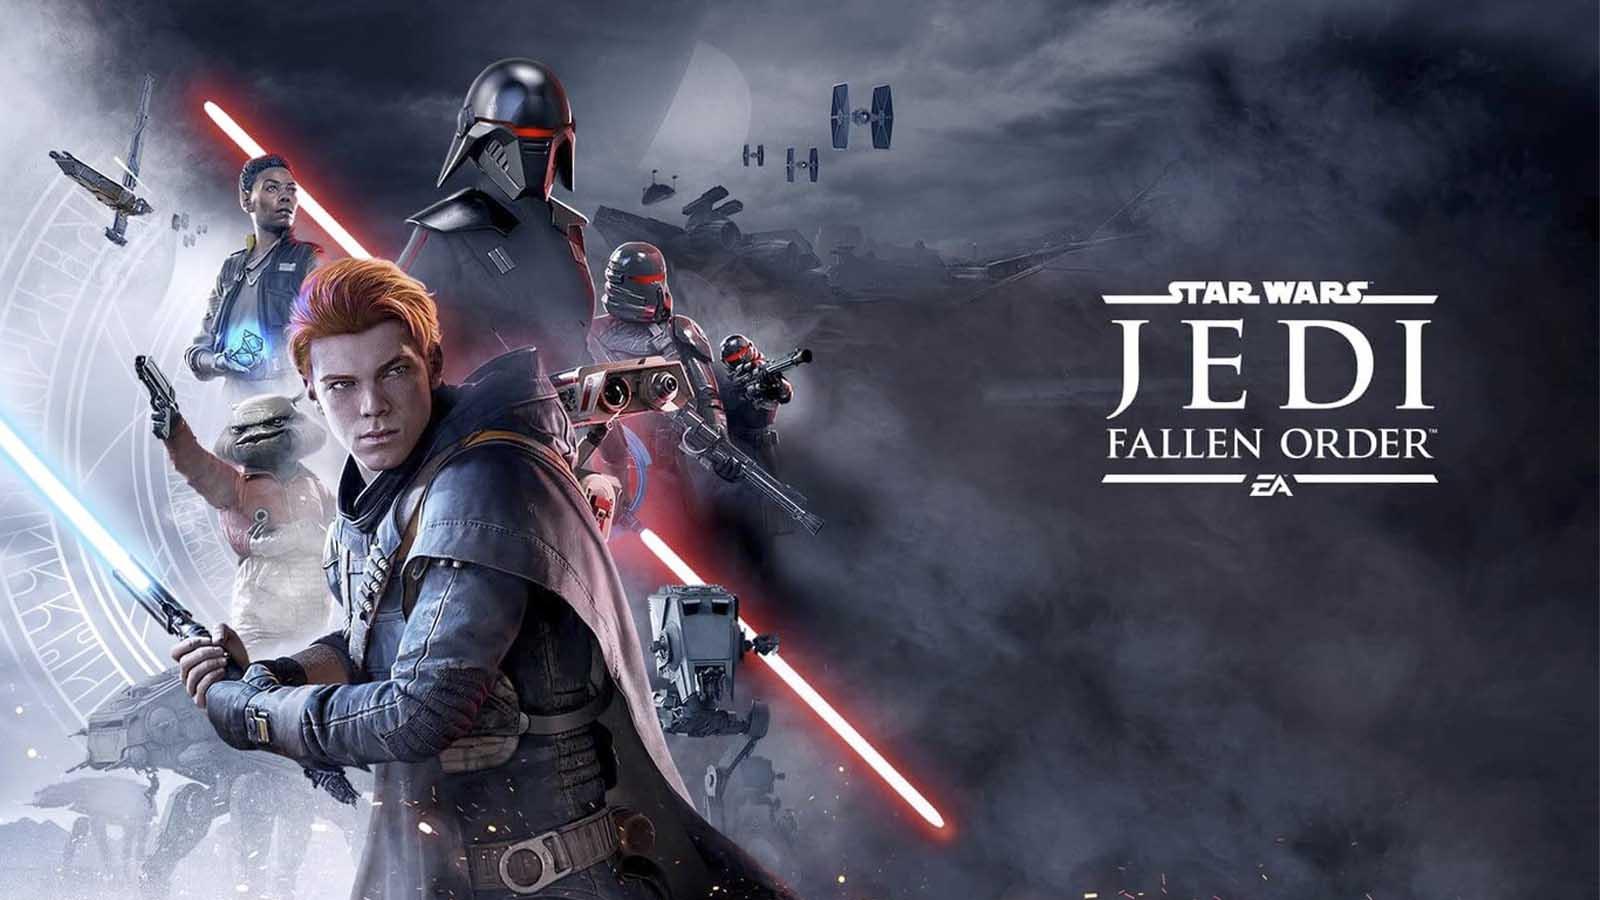 portada nuevo juego star wars